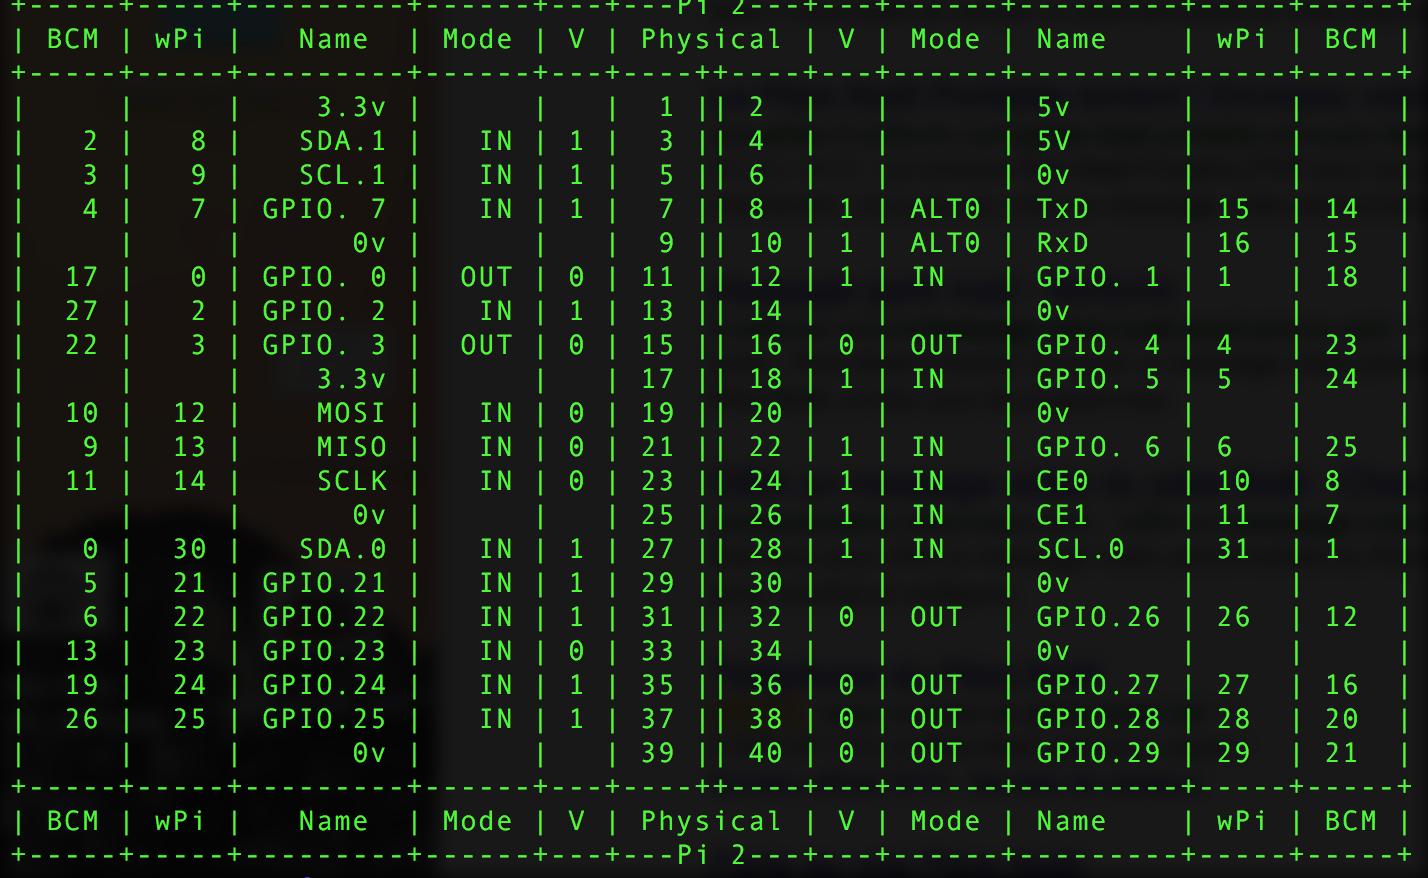 Configuration De Base Ptt Et Squelch Svxlink Card Wiringpi Gpio Export 800px Les Tats Des Ports Pour La